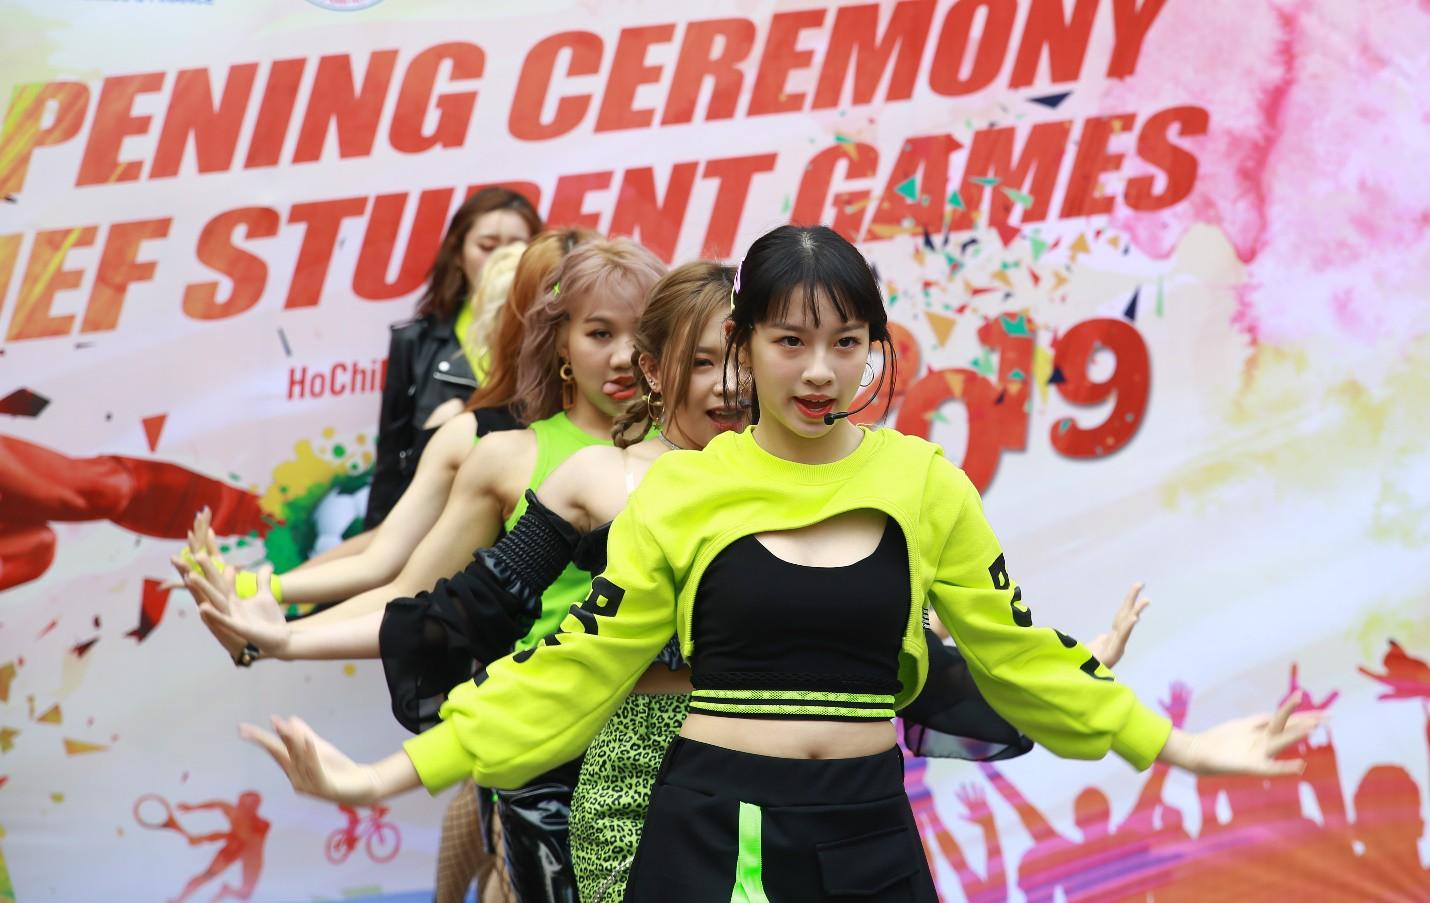 Tin được không, chỉ là lễ khai mạc hội thao mà trường người ta đầu tư cả nhóm nhạc đa quốc tịch - Ảnh 5.